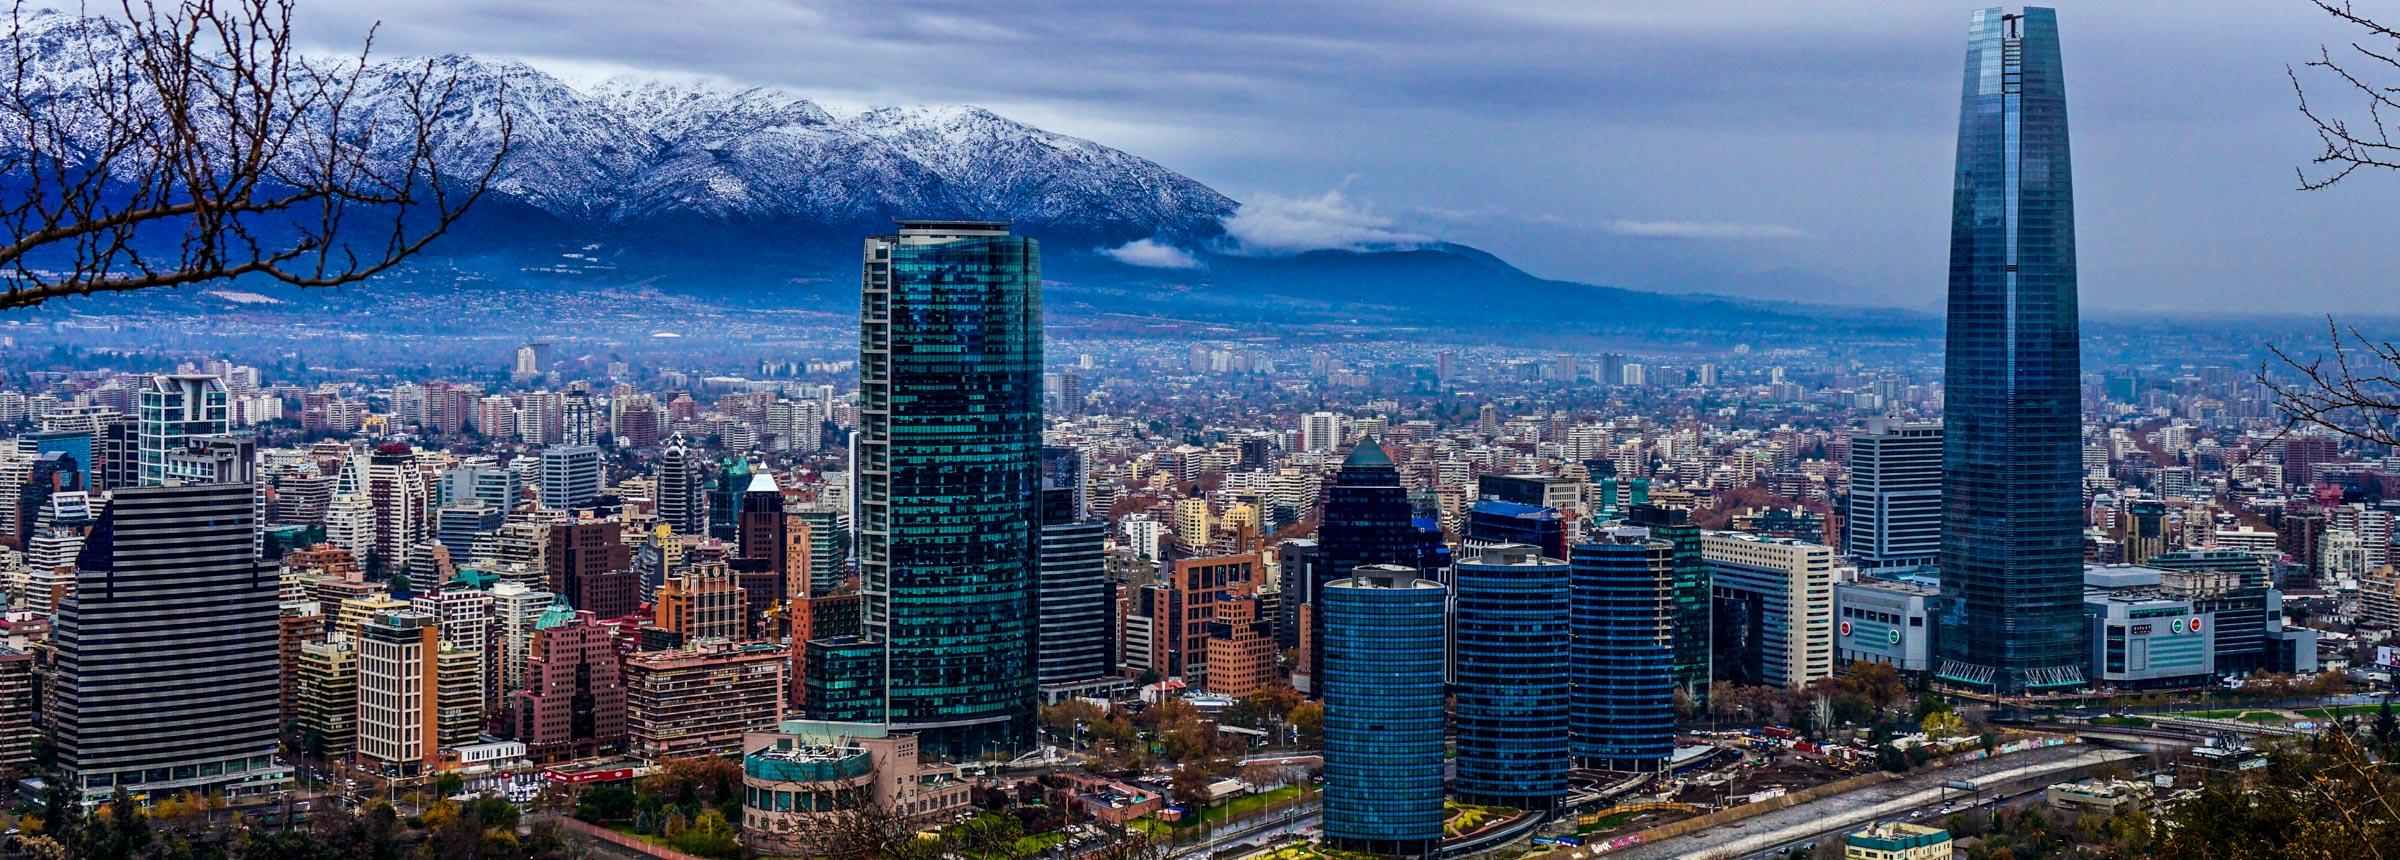 Chilean skyline